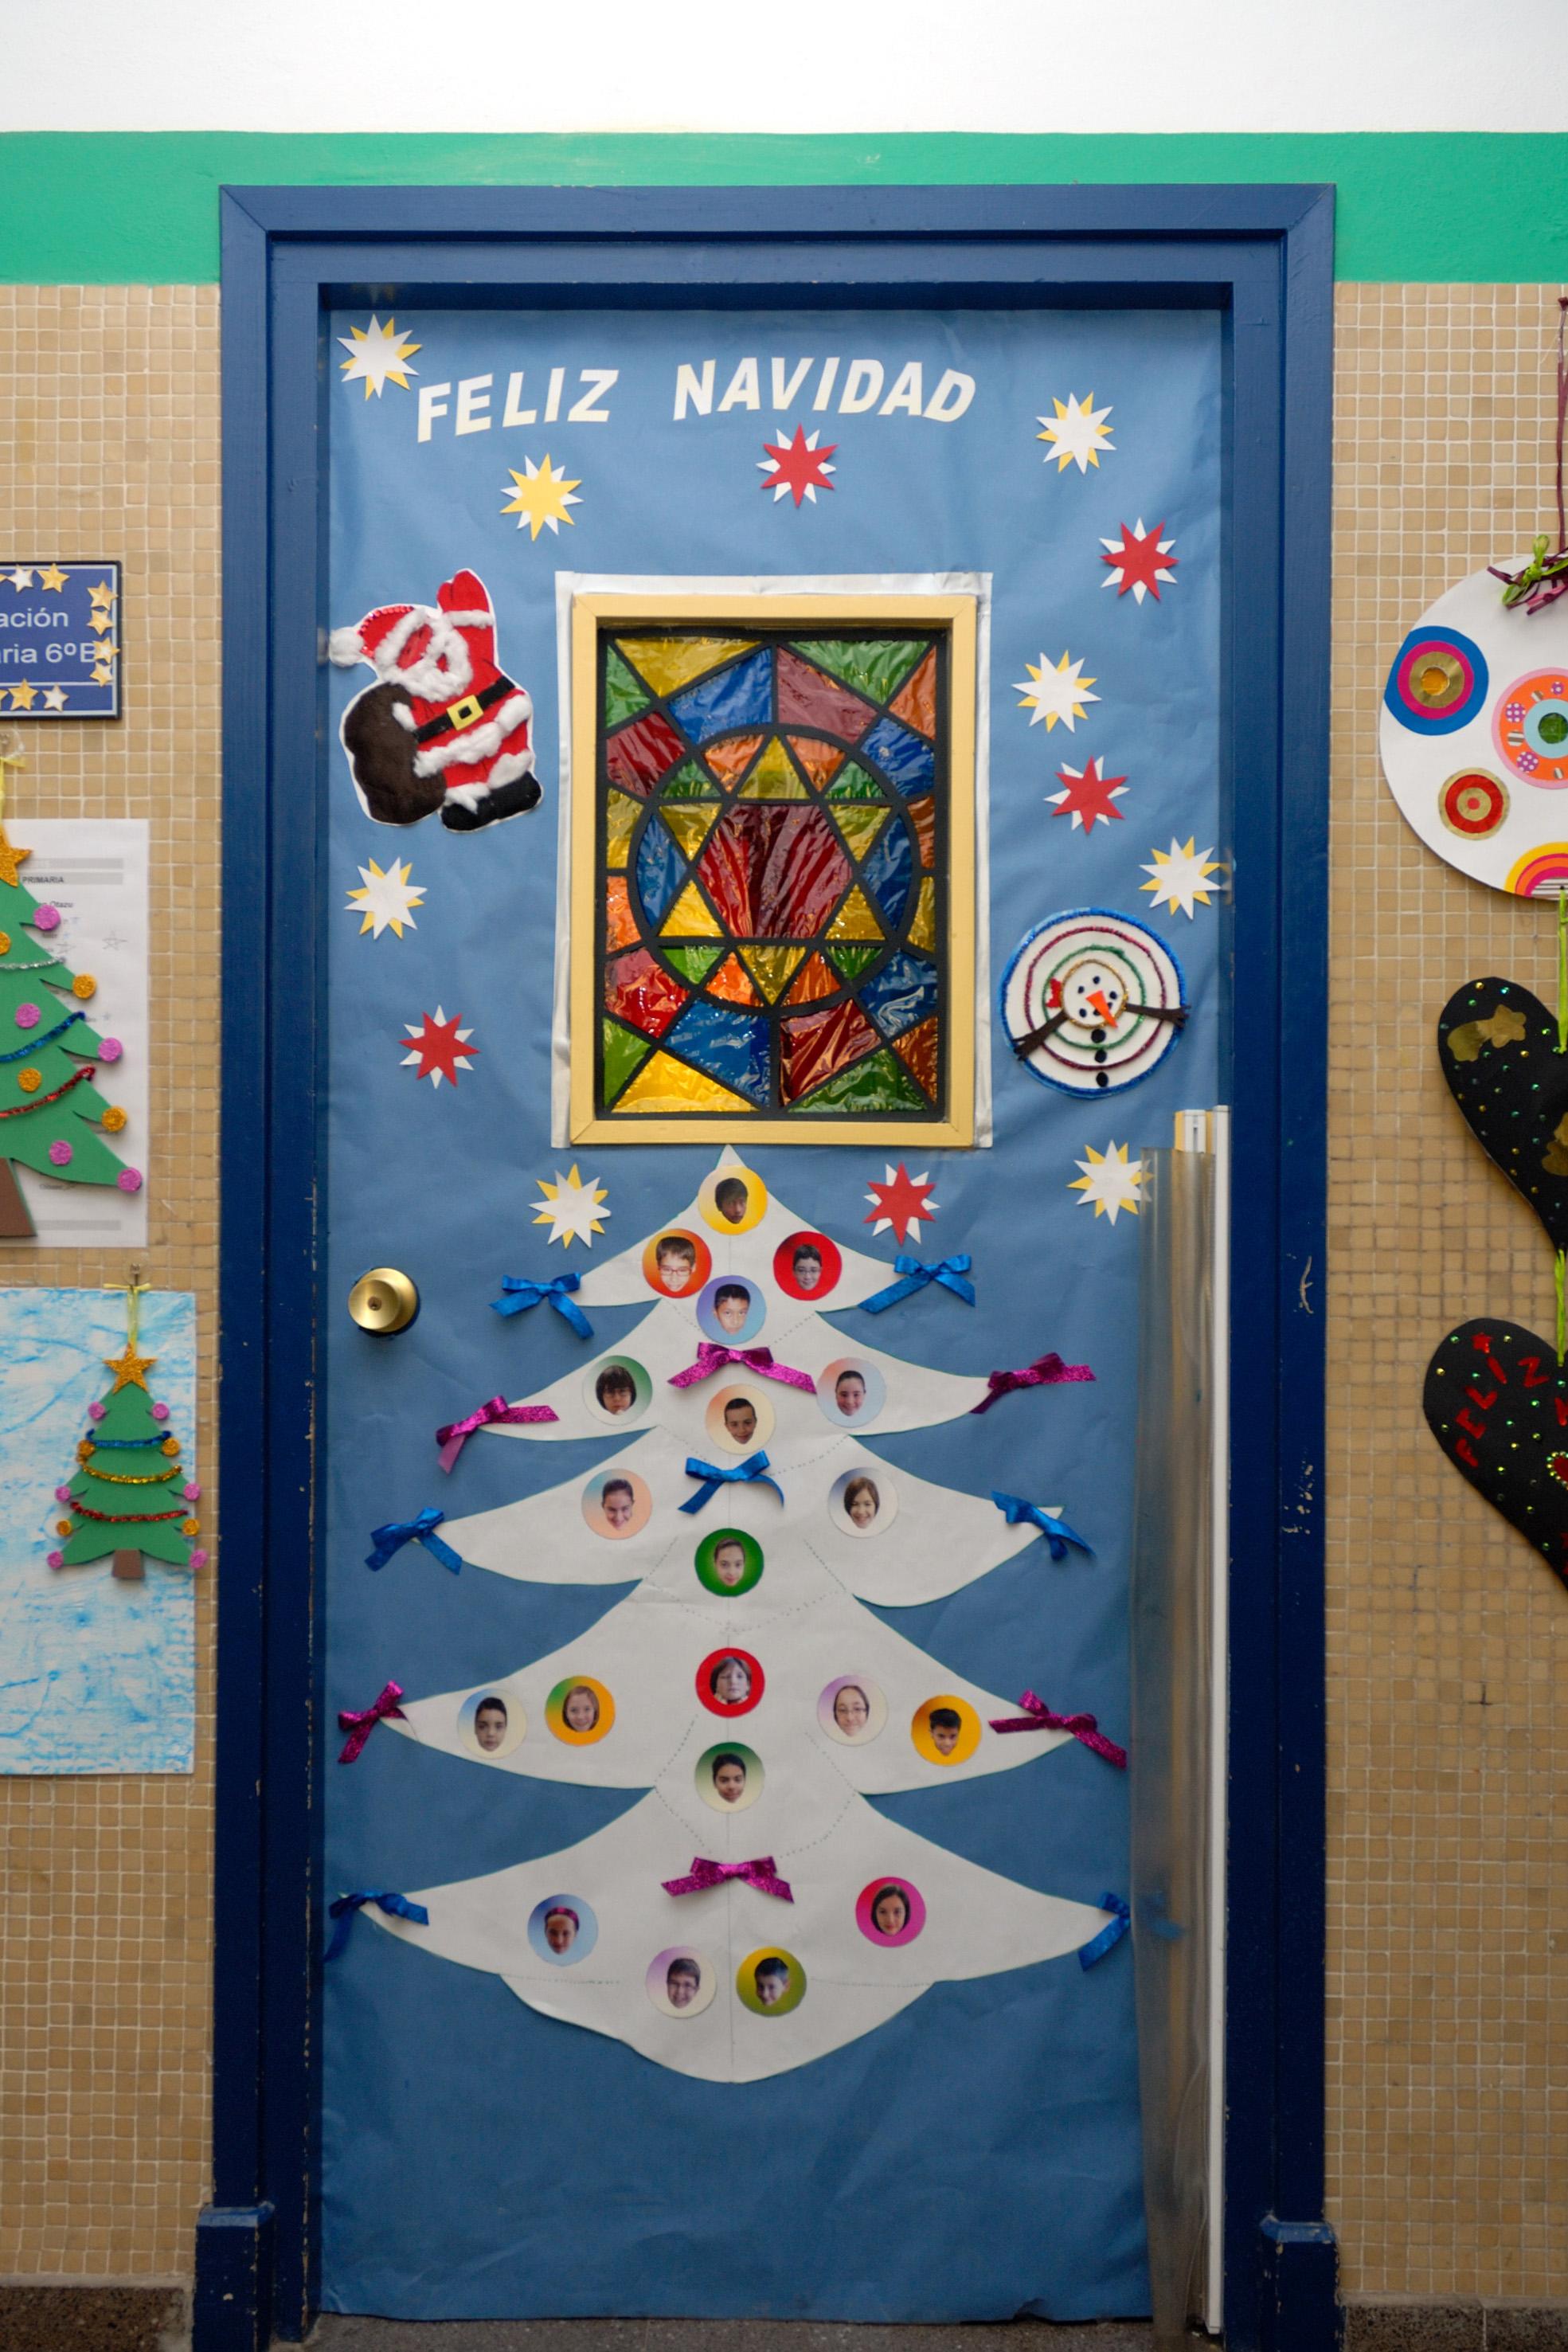 Apyma cp luis gil for Decoracion en puertas de navidad